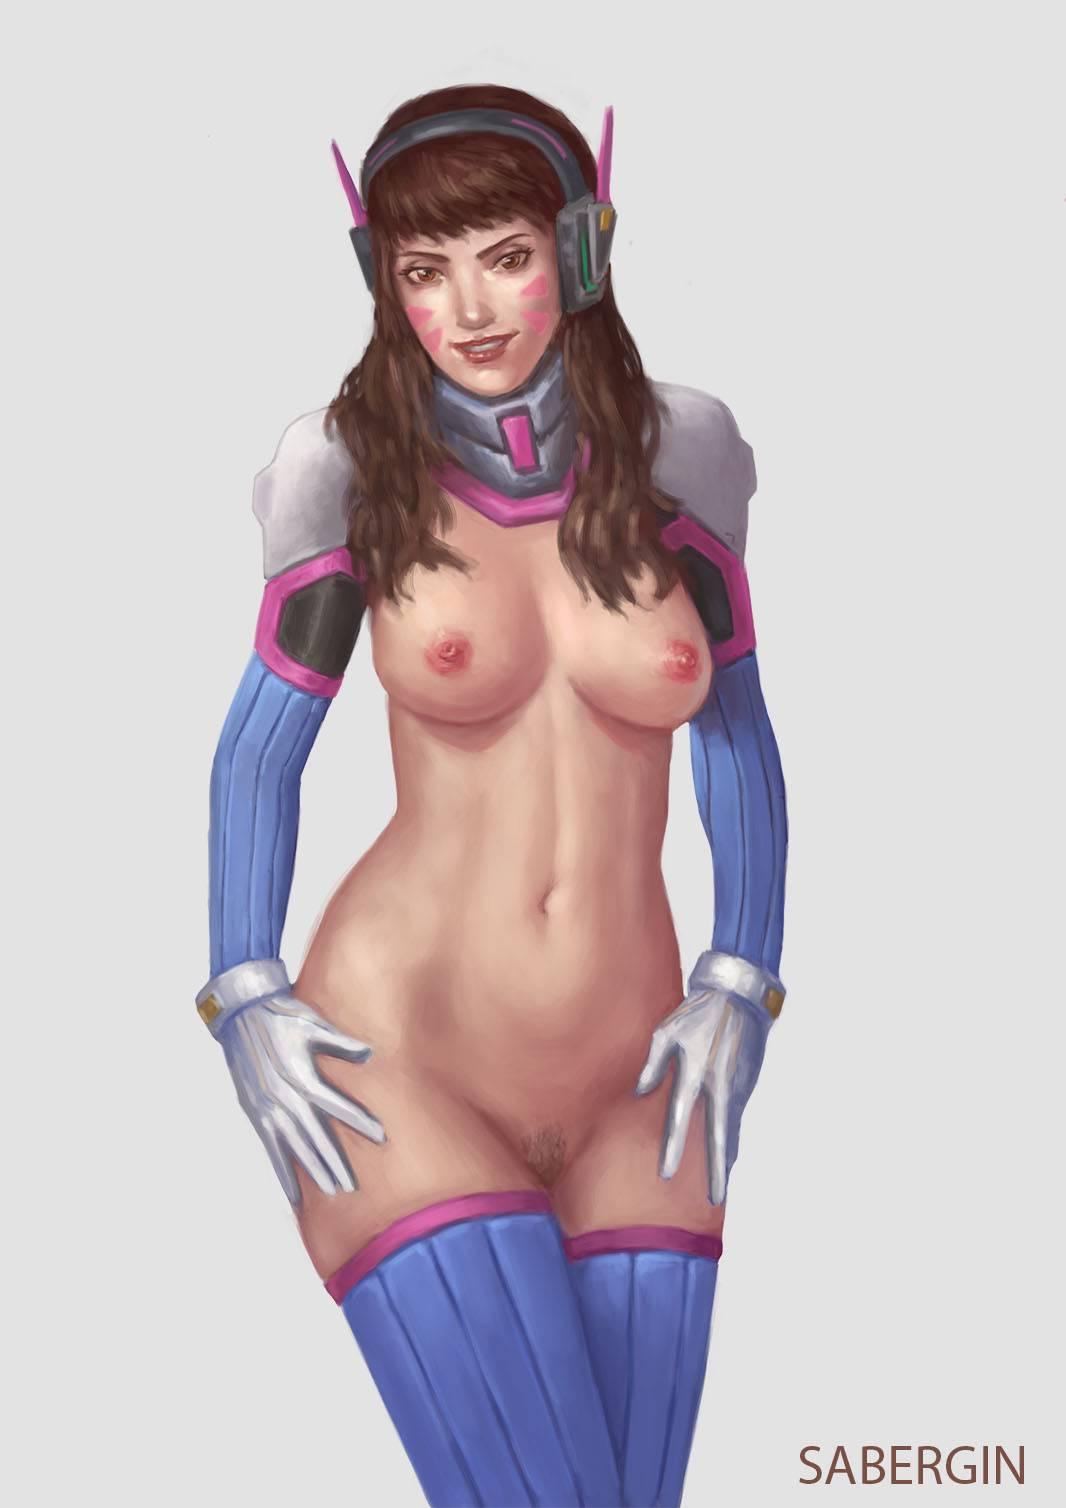 gambar hentai karakter overwatch,dva.animasi porno.foto ngentot,pamer memek,nsfw art toket gede,lesbian